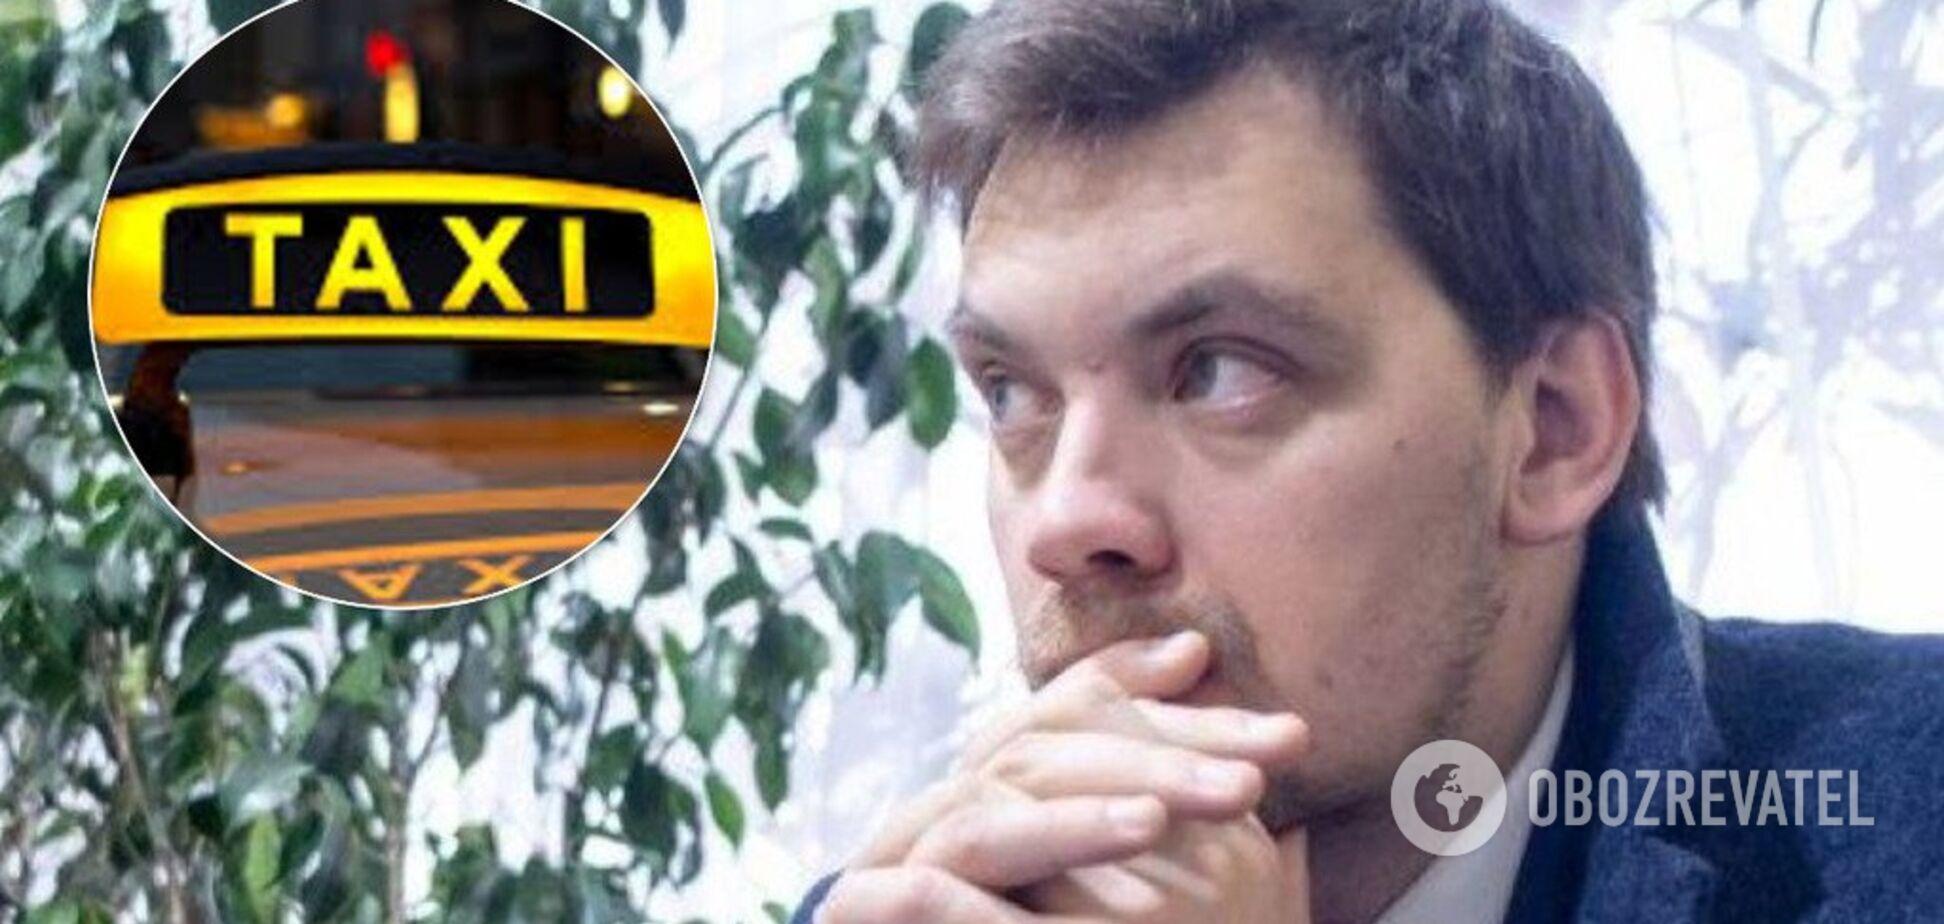 Люди страждають, поліція ігнорує: Гончарука закликали взятися за нелегальні таксі в Києві